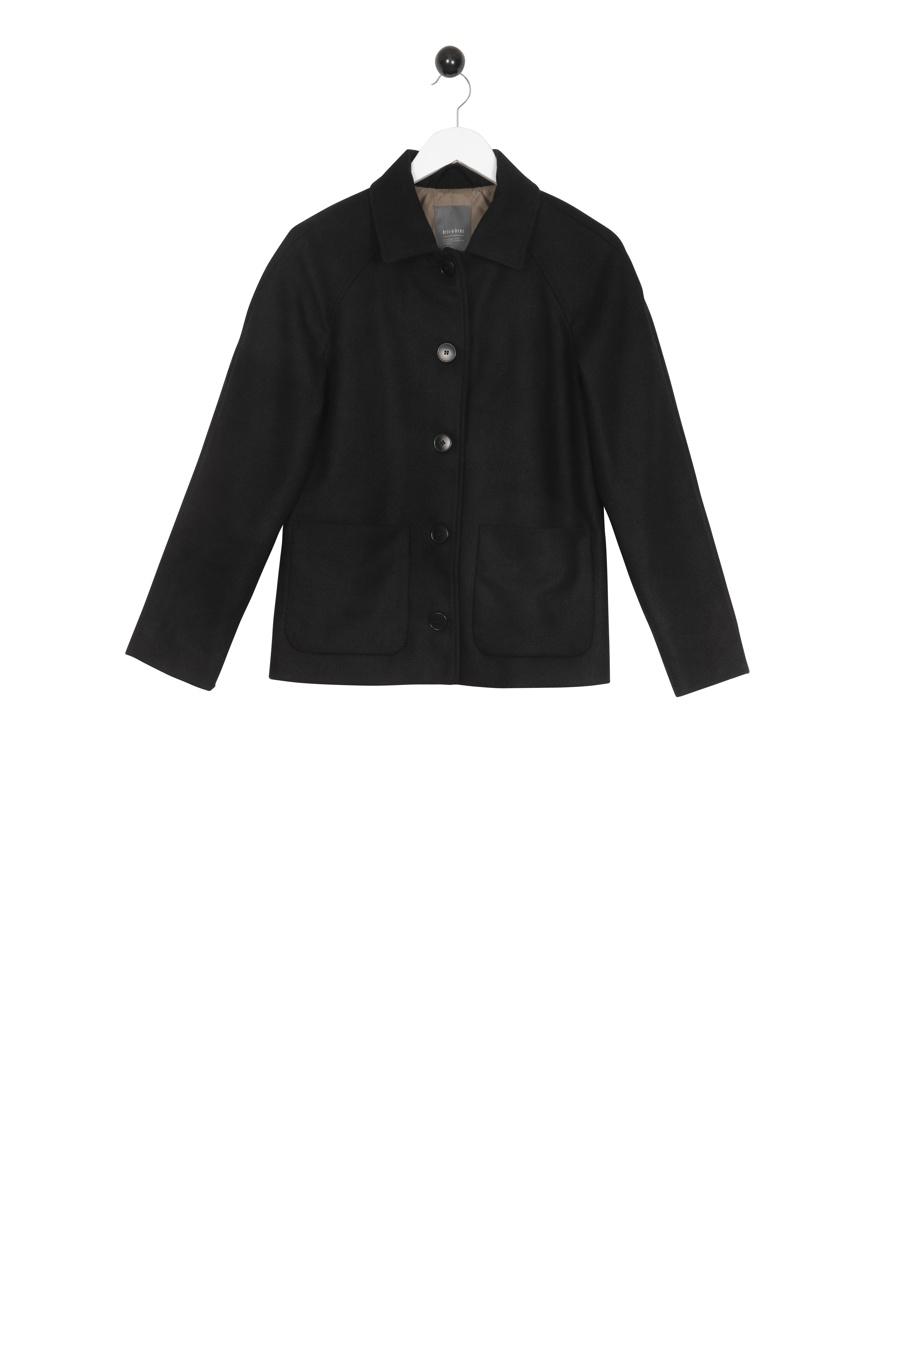 Borrby Jacket